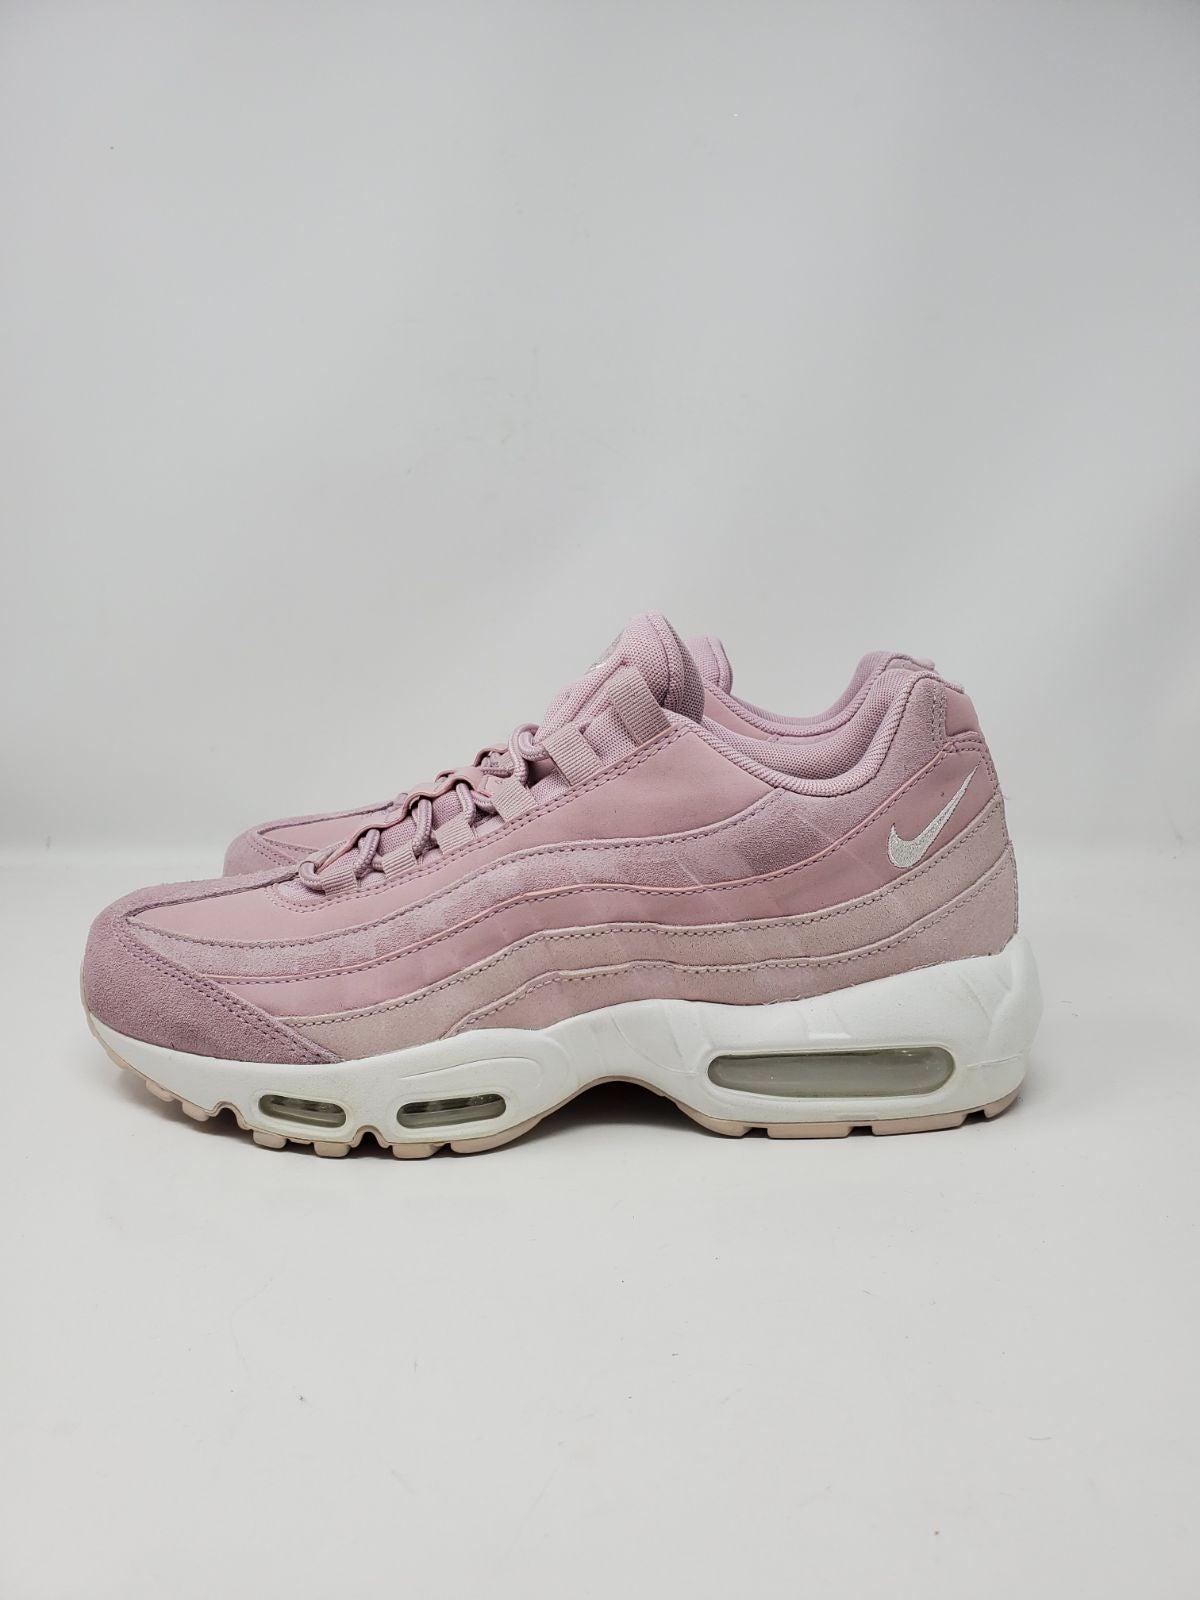 Nike Air Max 95 Premium Barely Rose Pink